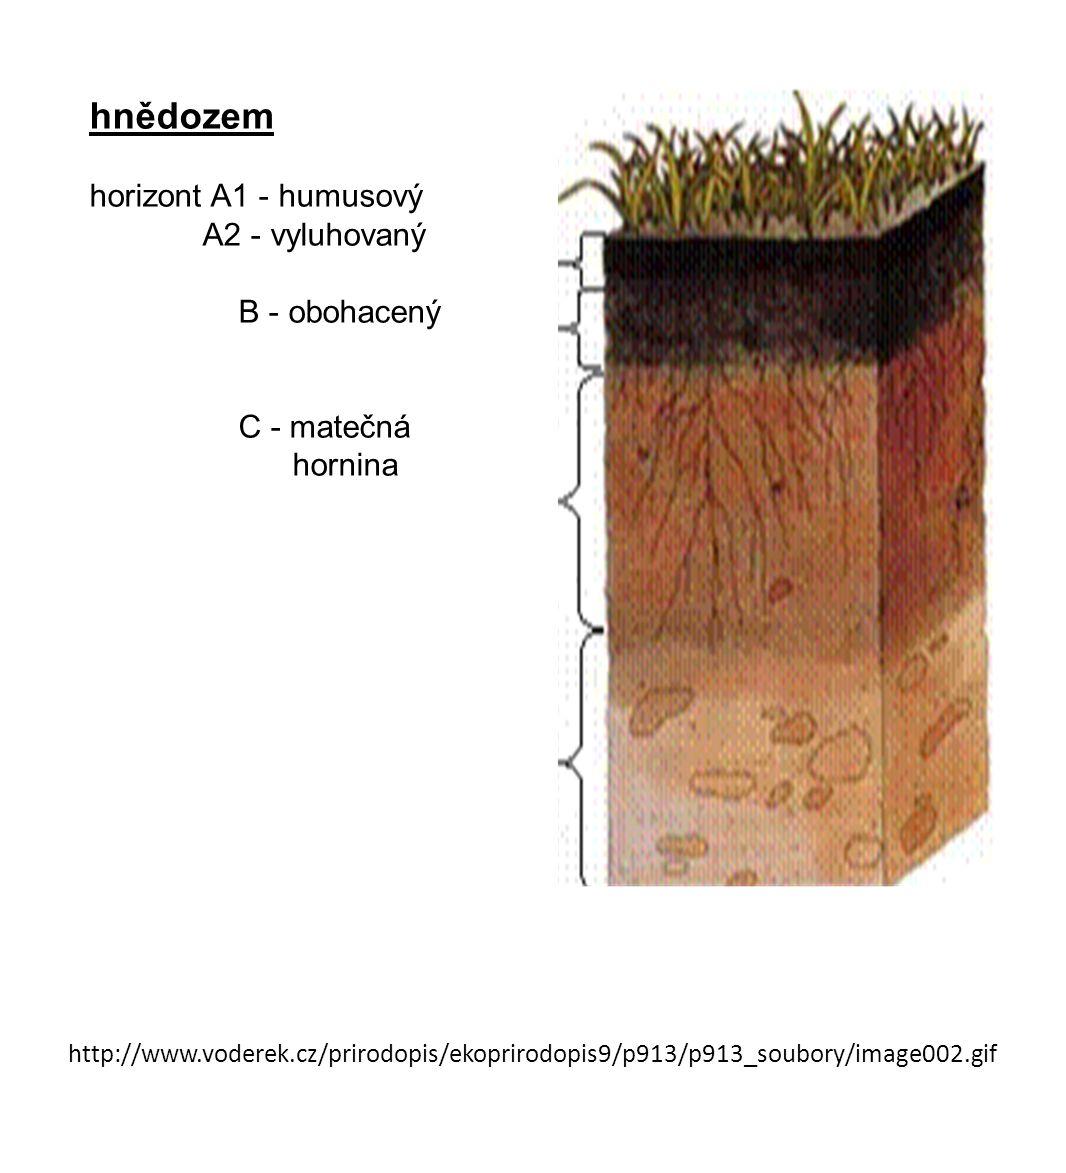 hnědozem horizont A1 - humusový A2 - vyluhovaný B - obohacený